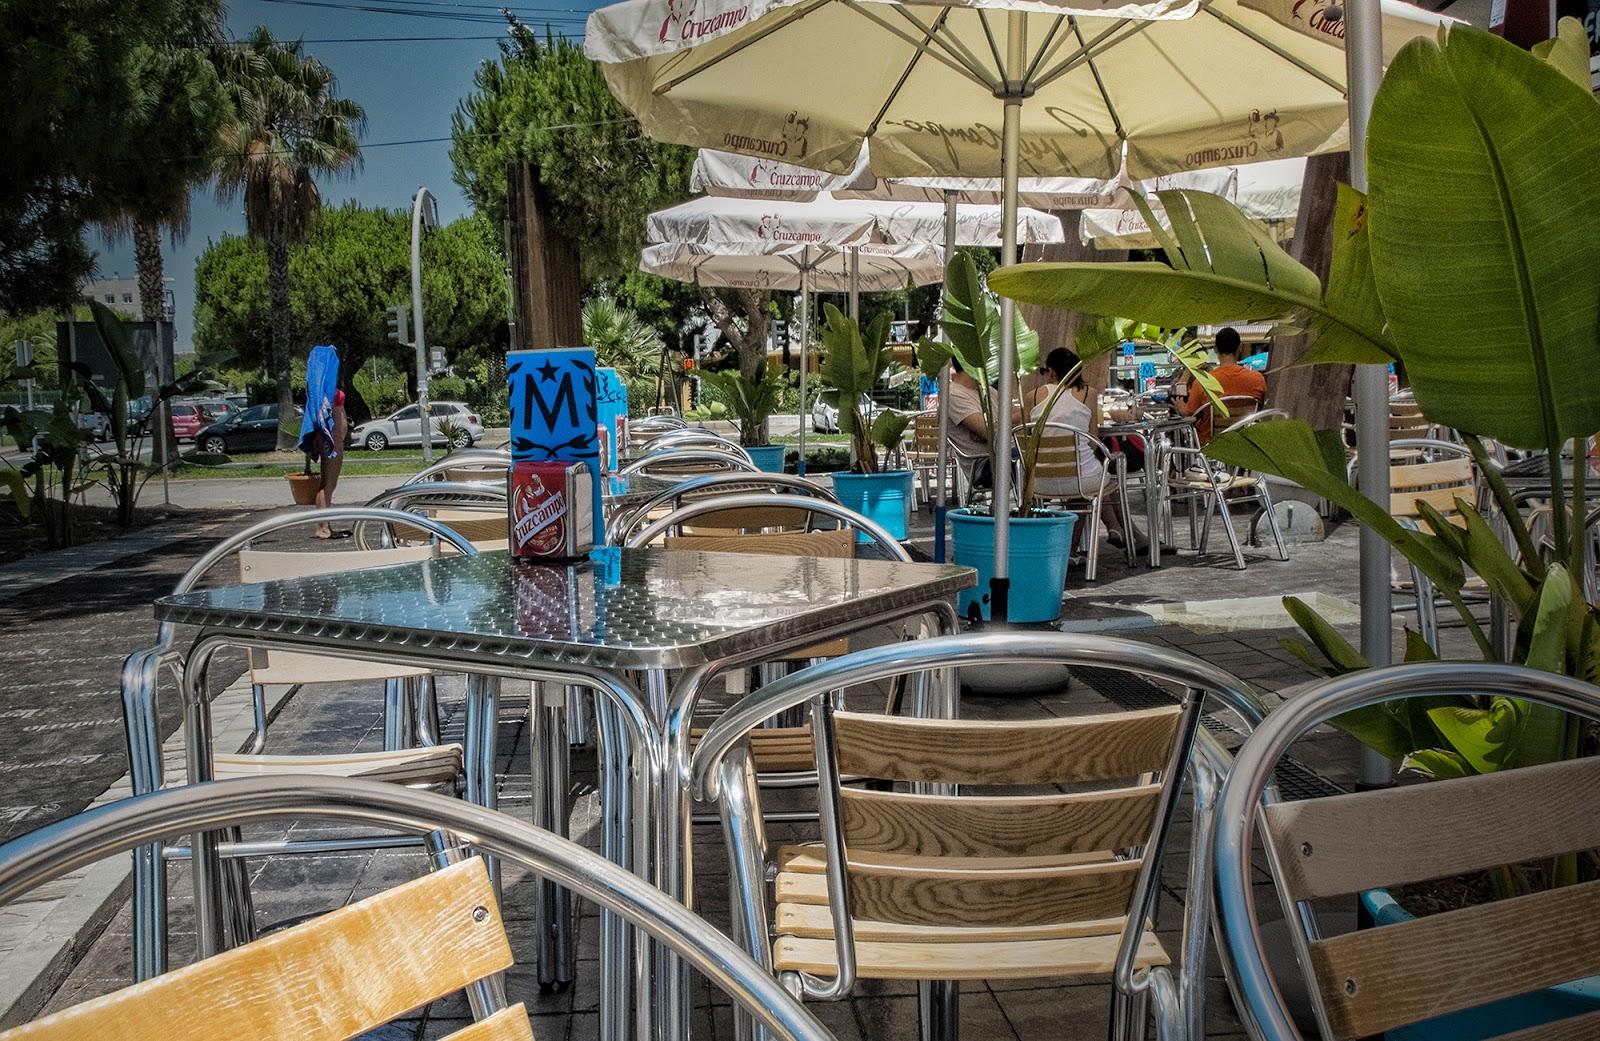 Visitando el Marlin Blue Beach Club (El Portil)